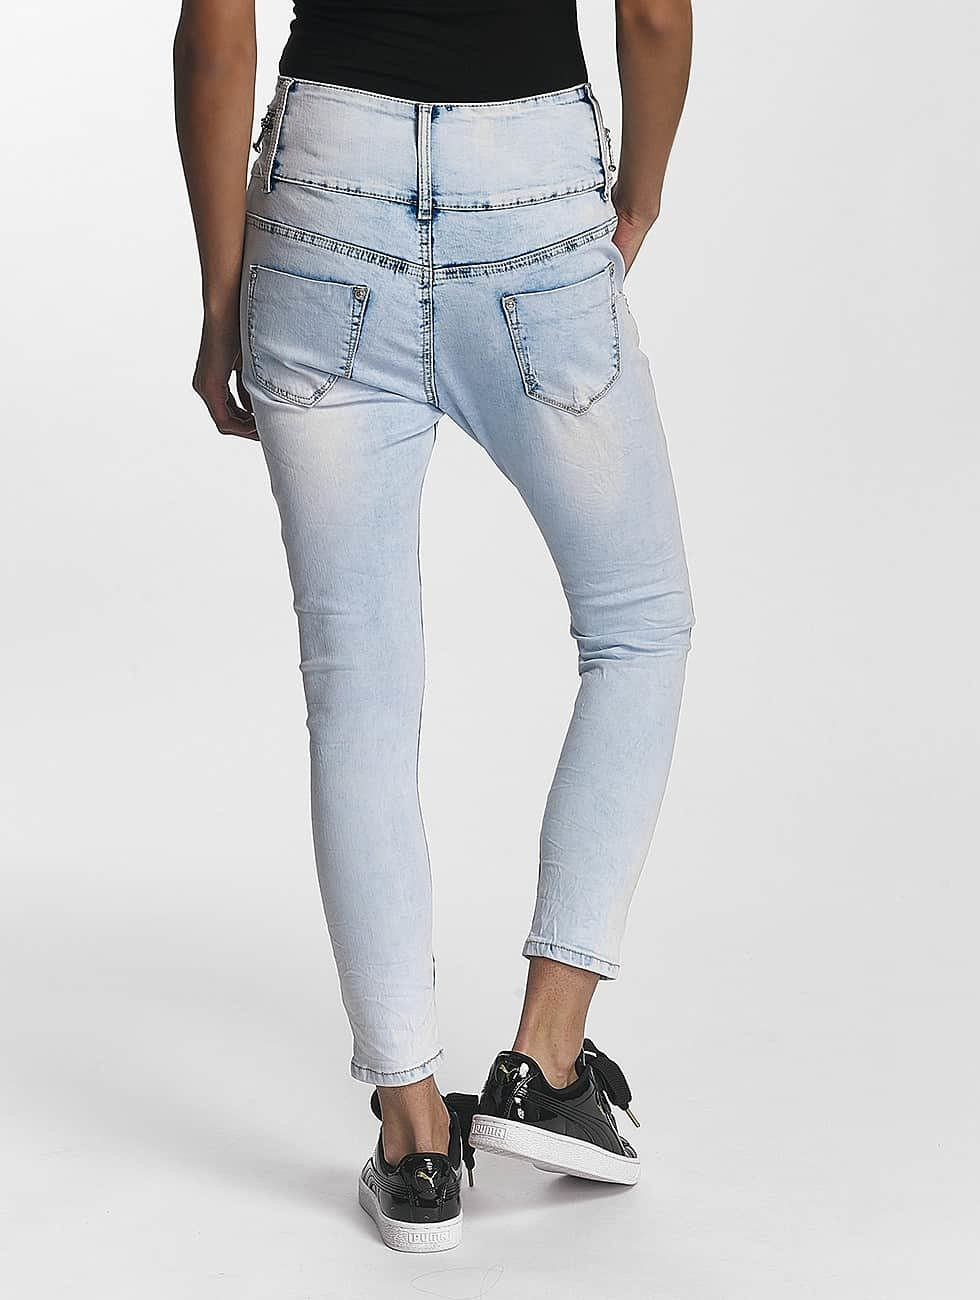 Leg Kings Boyfriend Jeans Reality Fashion blue